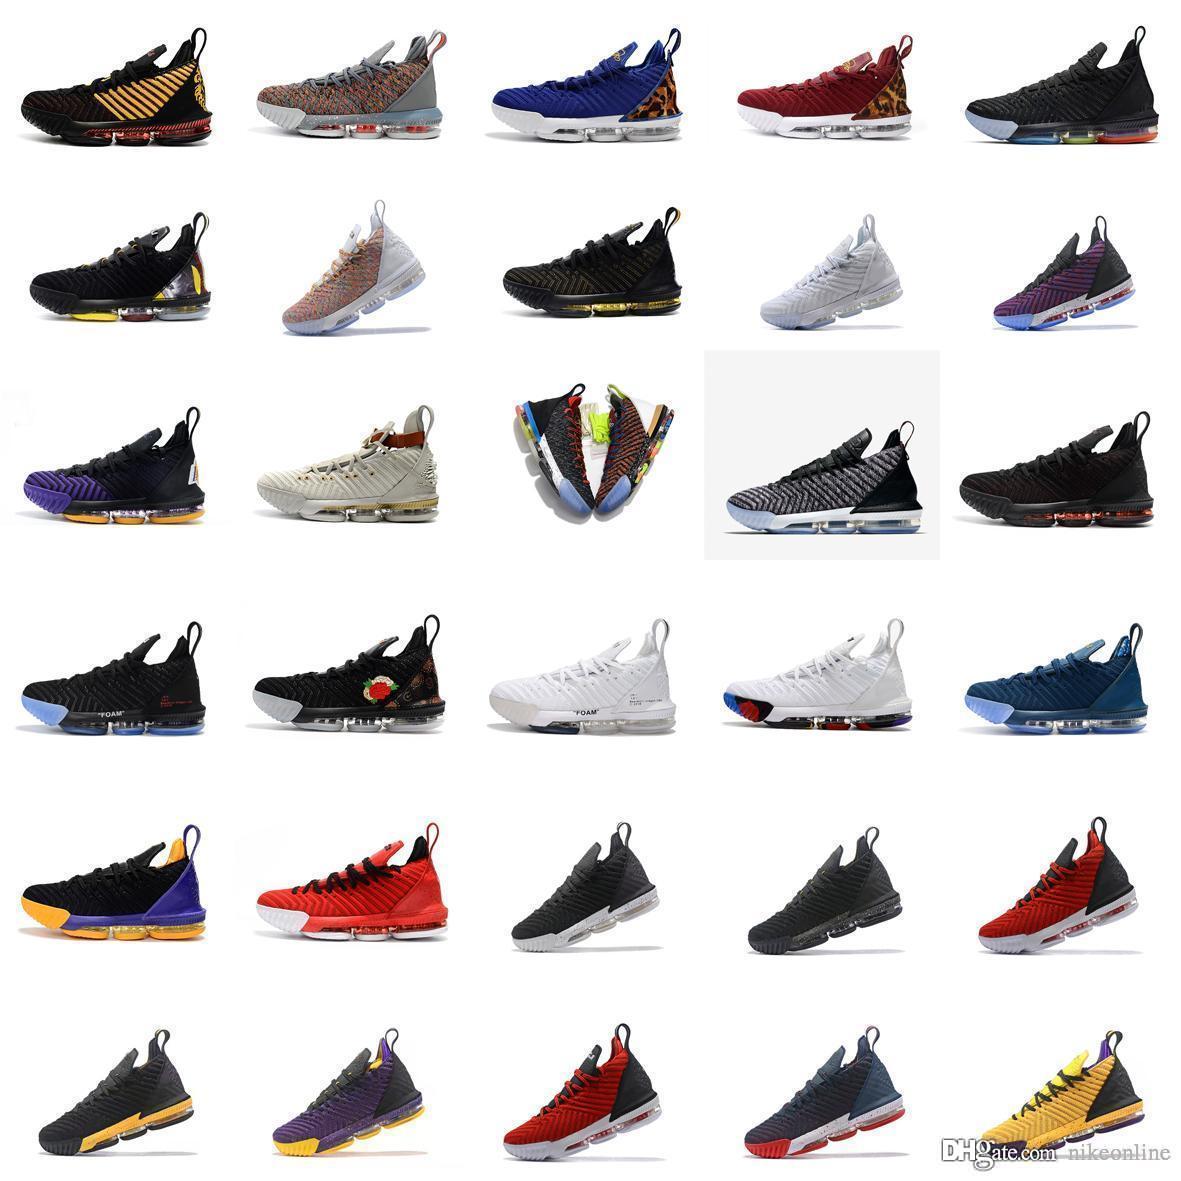 new arrival 45933 c36a8 Mens lebron 16 scarpe da basket Multi colore Fruttato Ciottoli Oro Nero  Viola Leopard Rosso Ragazzi Ragazze Donne gioventù bambini sneakers stivali  ...